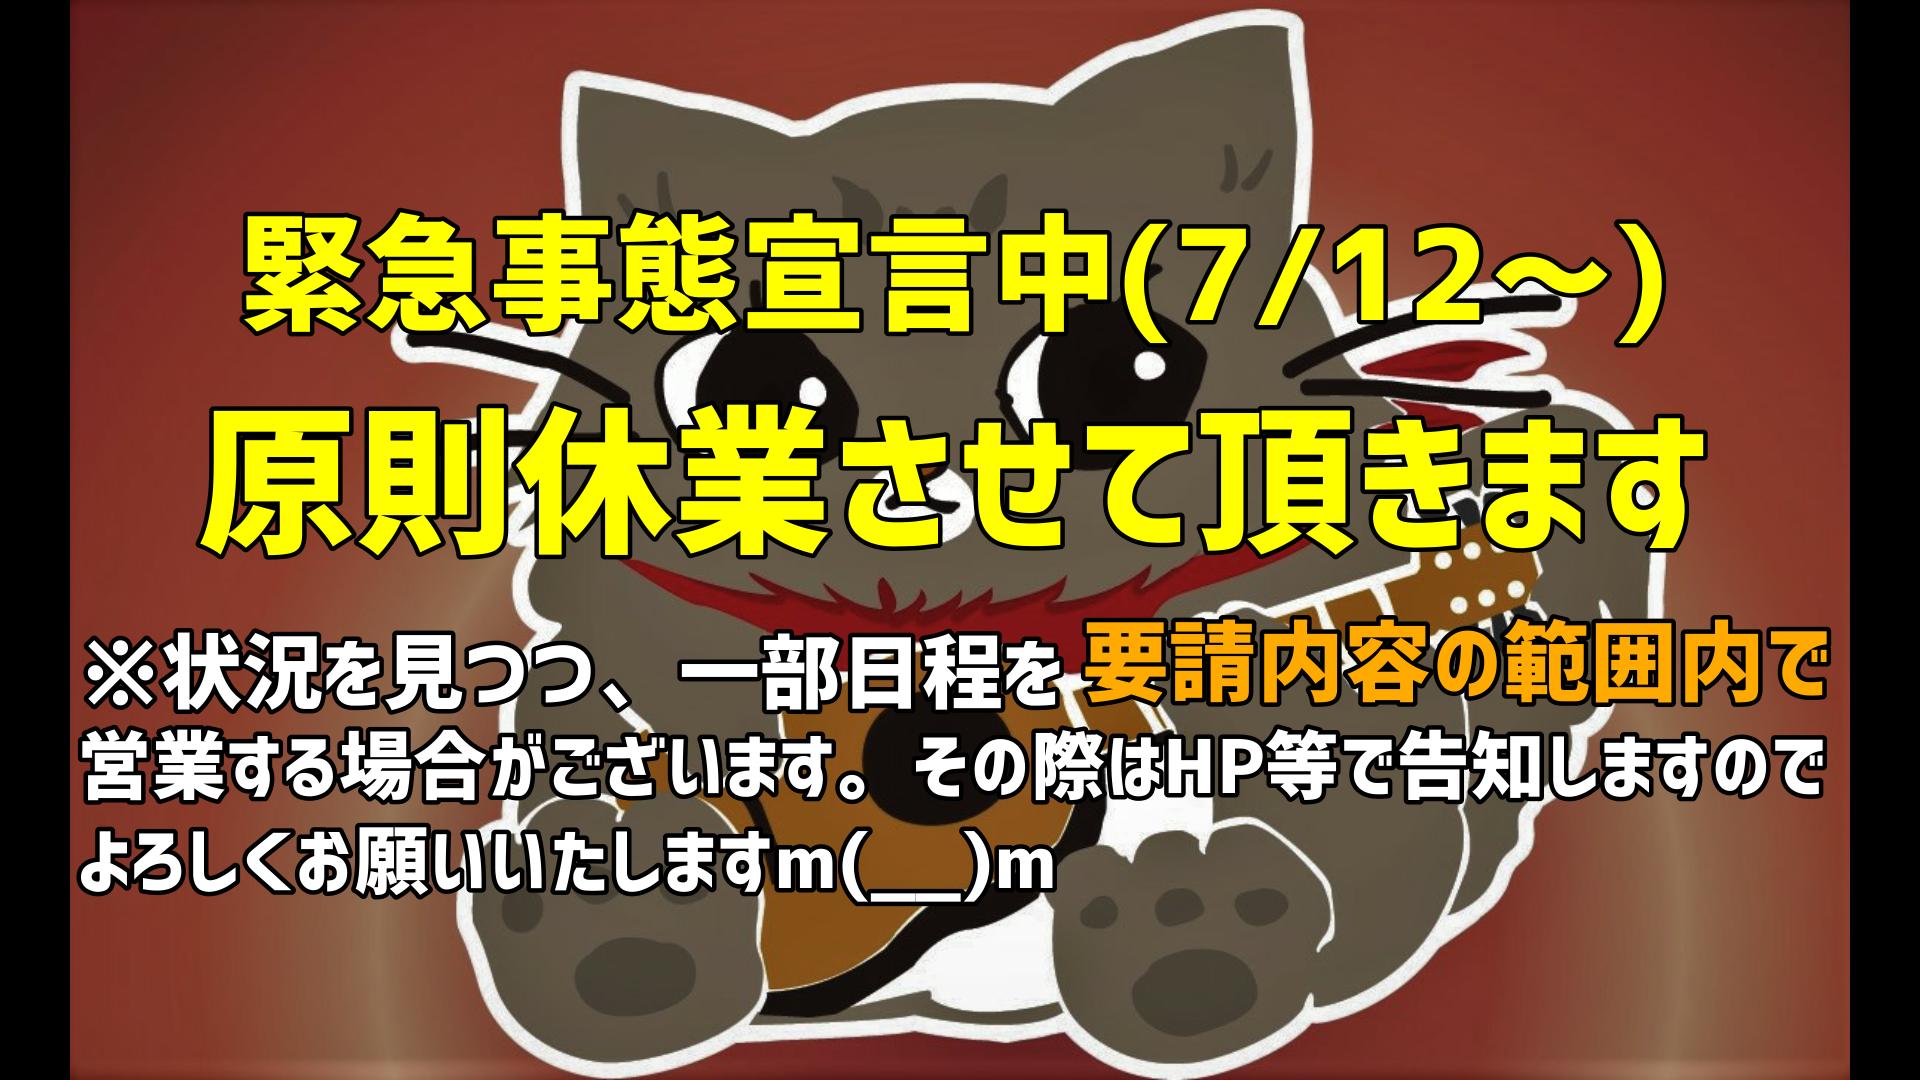 【7/12~8/22】緊急事態宣言中の営業について